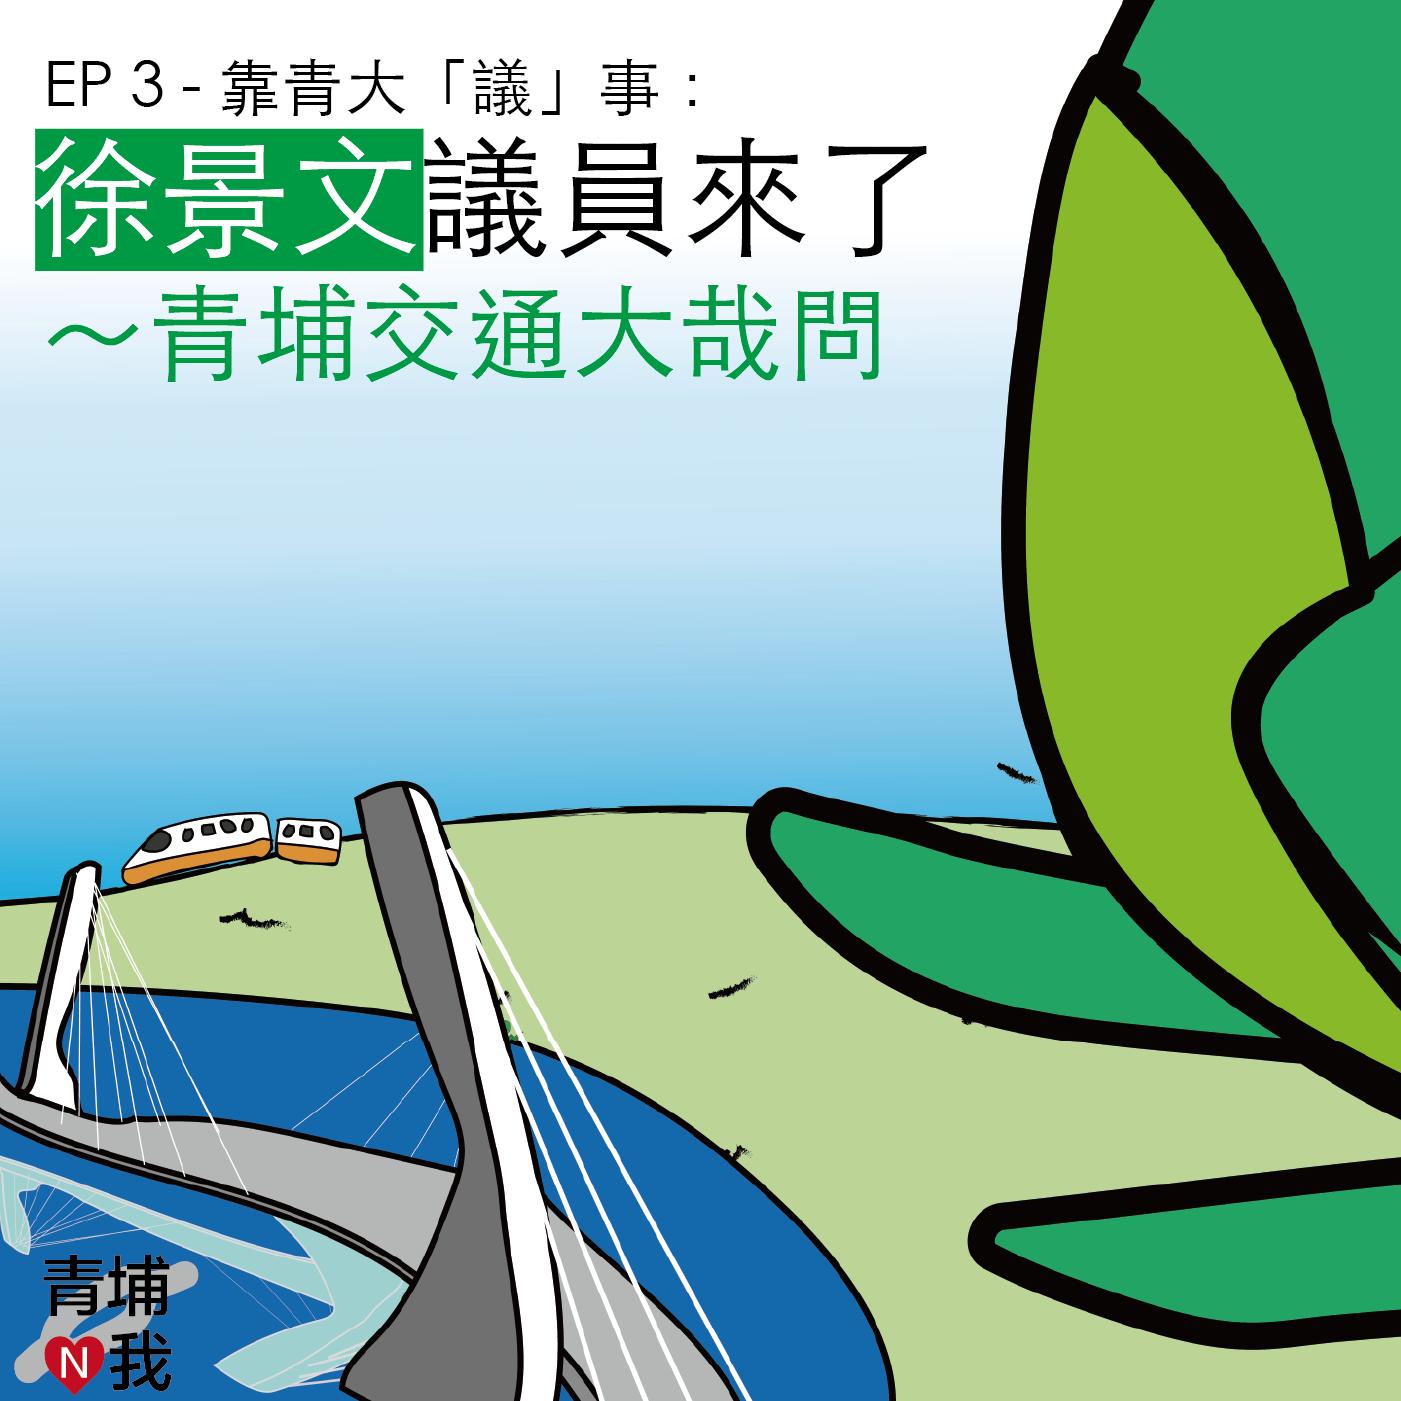 EP 3 | 靠青大「議」事:徐景文議員來了~青埔交通大哉問